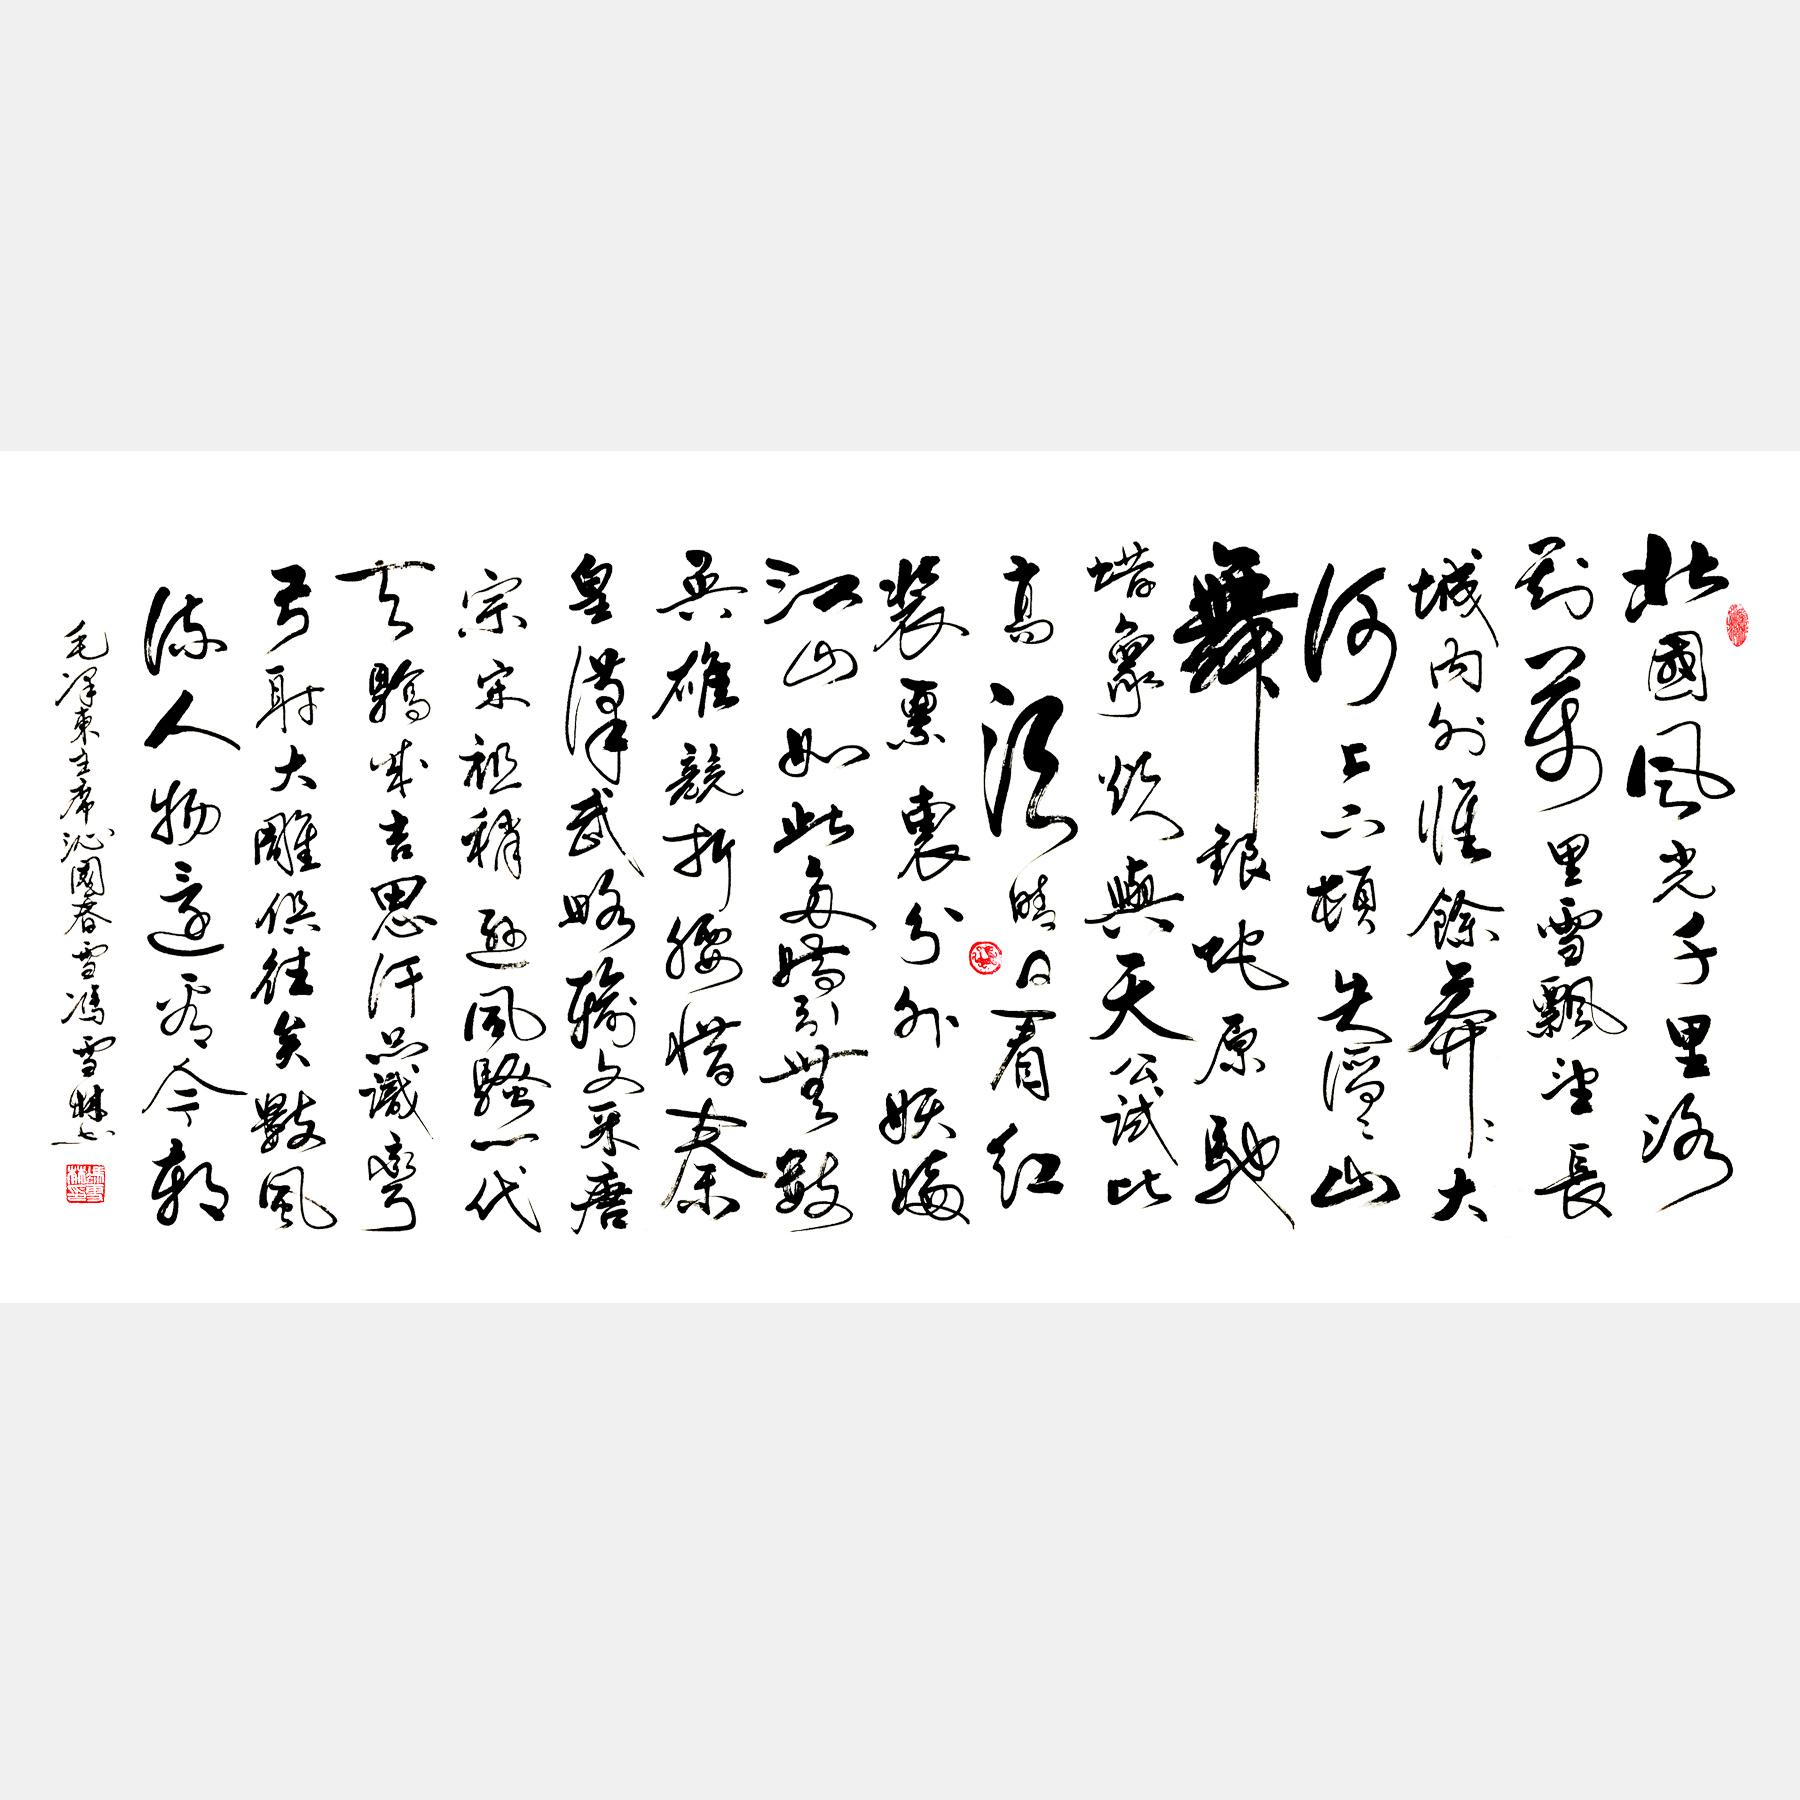 """毛主席《沁园春・雪》书法作品 丁酉年秋 """"中国有词以来第一手,虽苏、辛犹未能抗手。"""""""